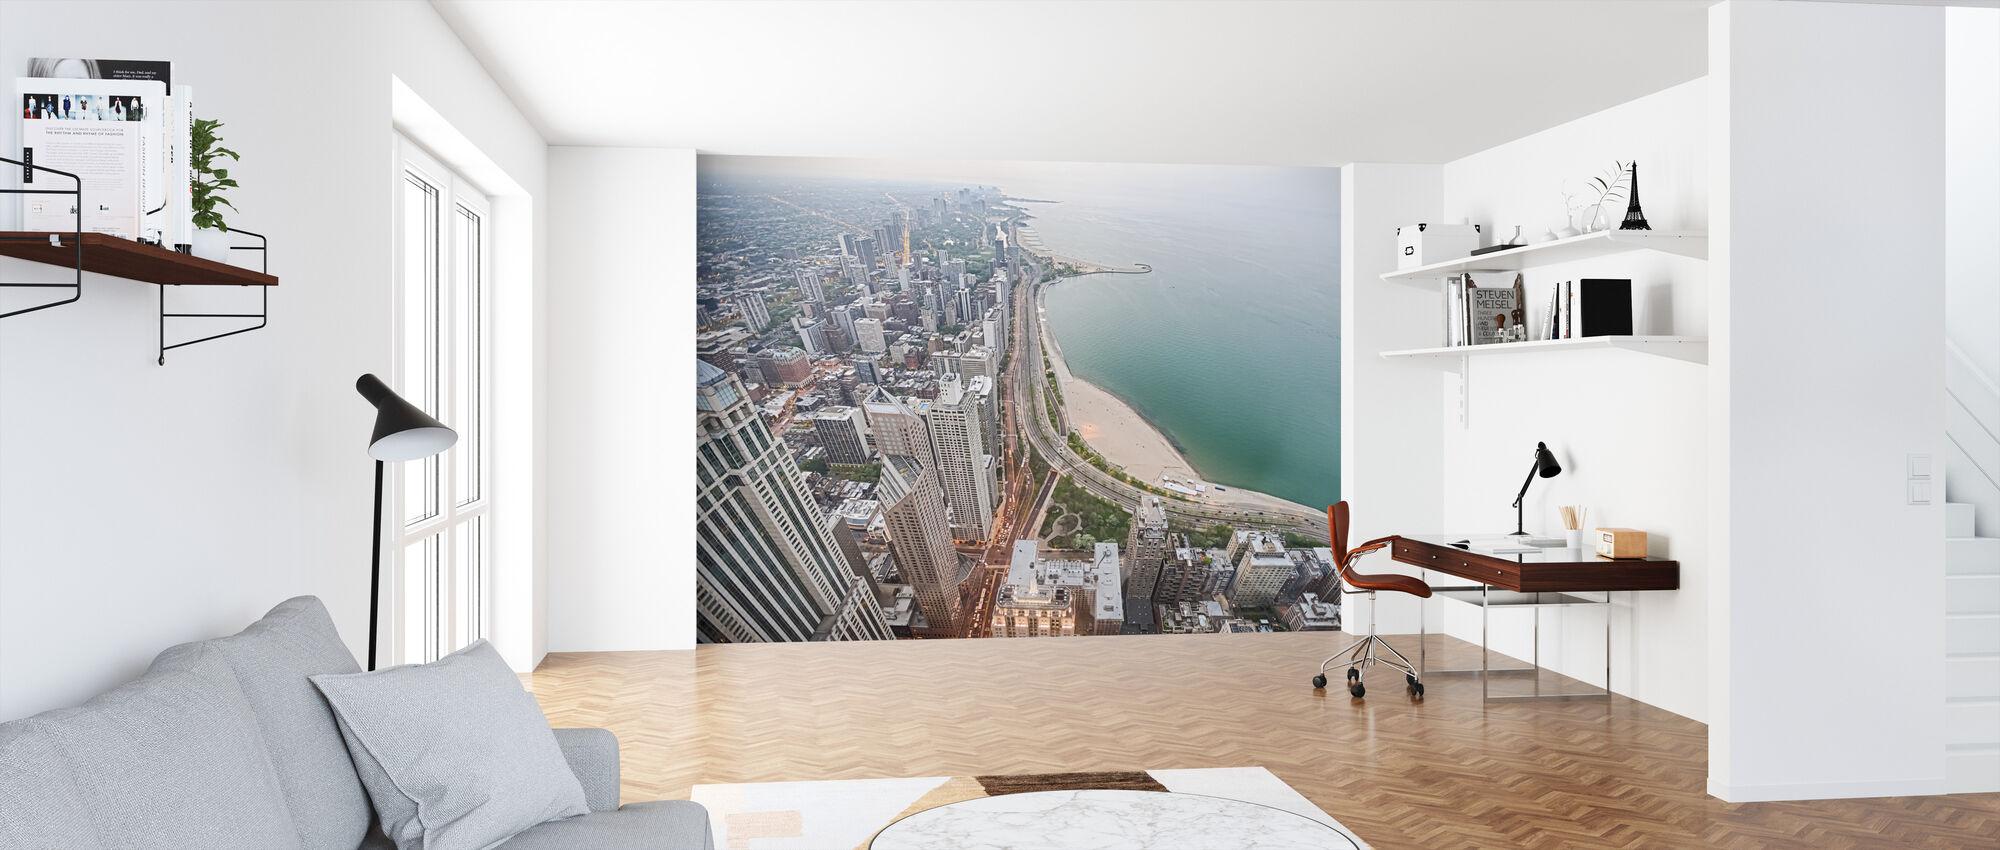 Uitzicht vanuit een wolkenkrabber in Chicago - Behang - Kantoor